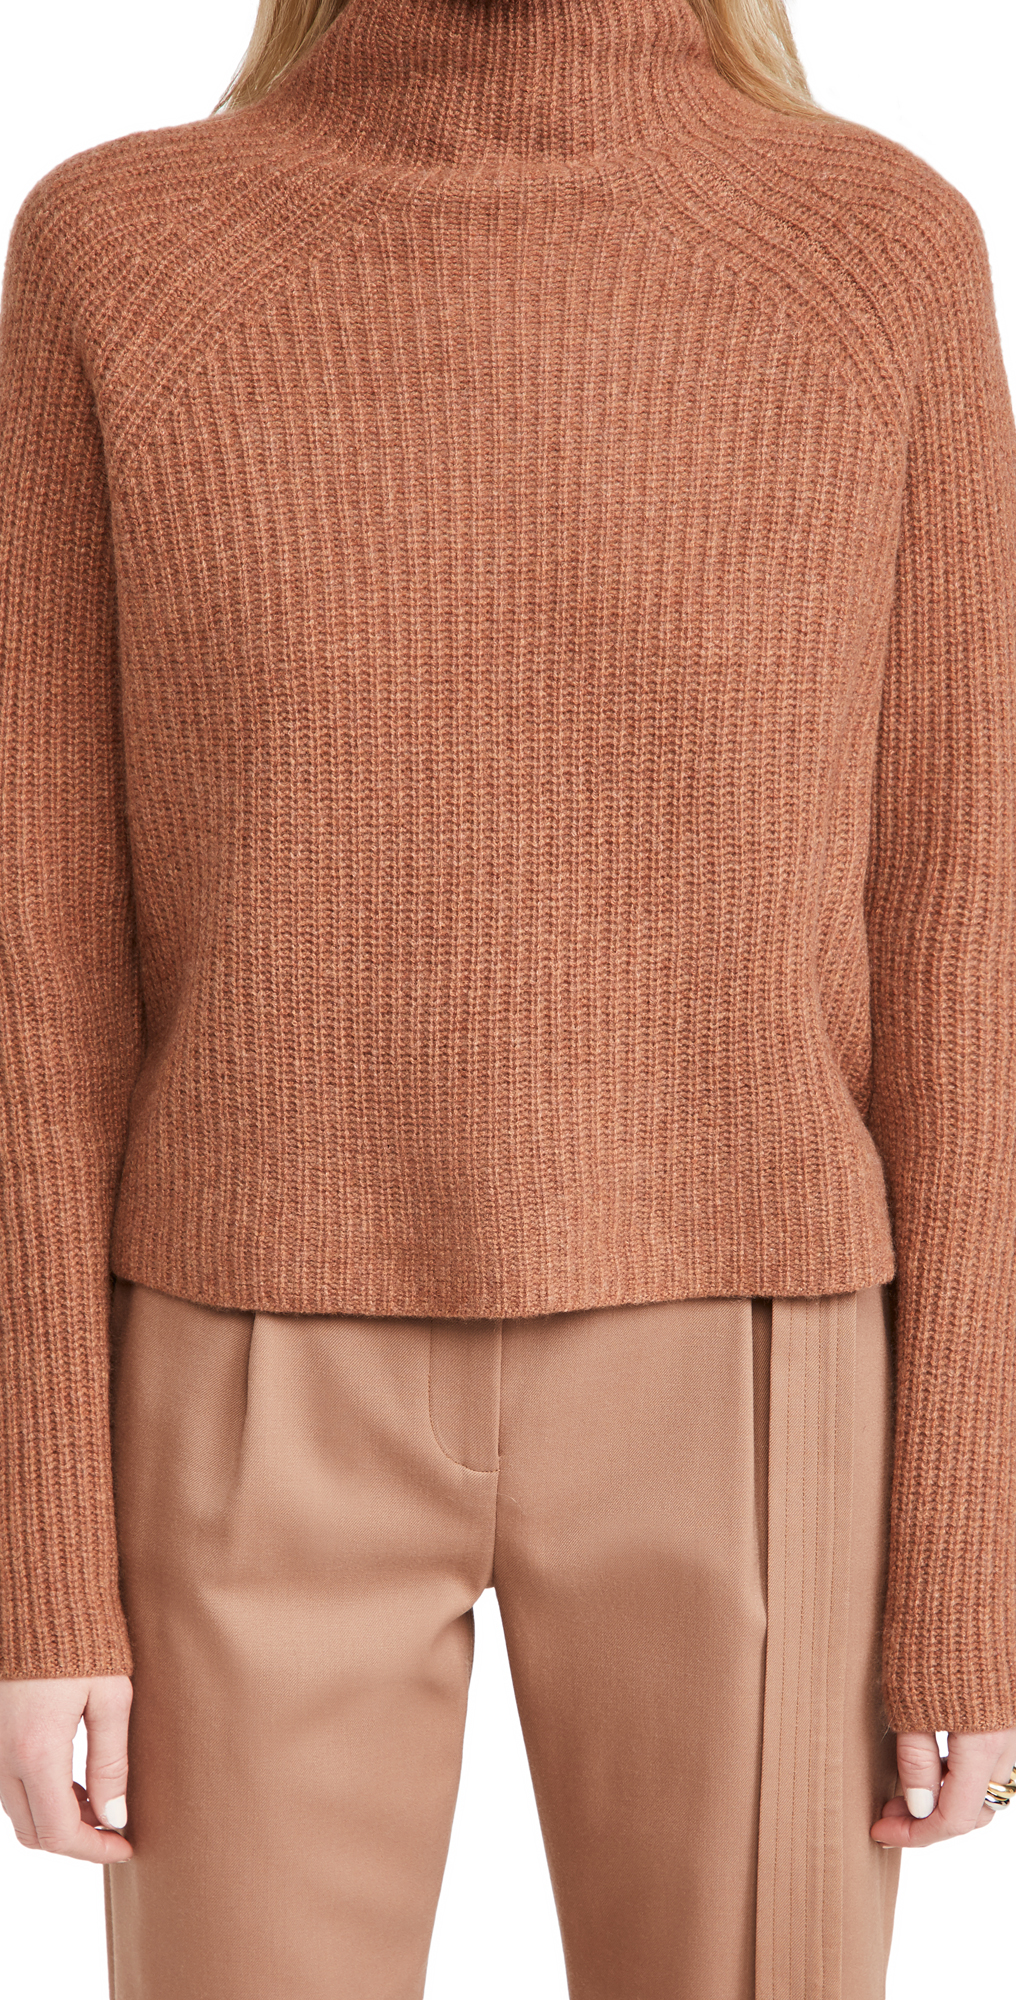 360 SWEATER Kayla Cashmere Sweater